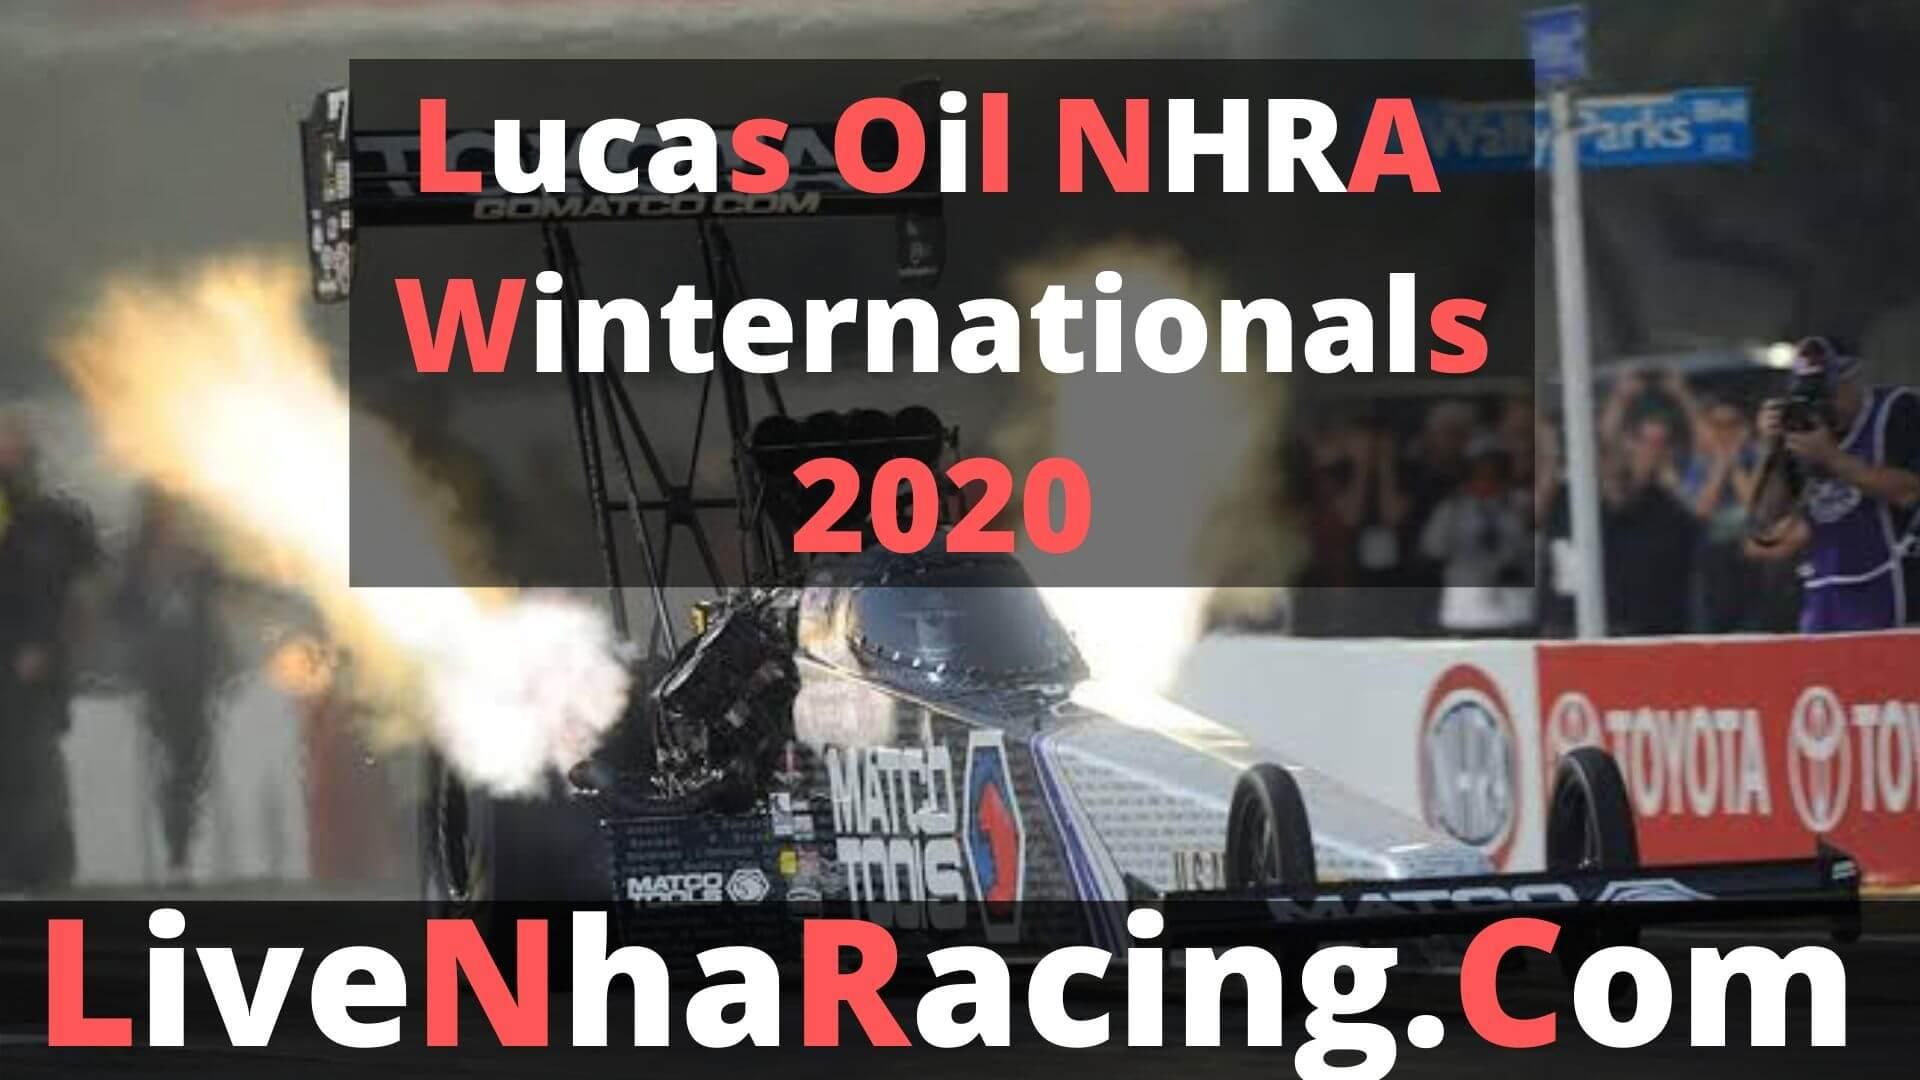 Lucas Oil NHRA Winternationals - Finals Live stream